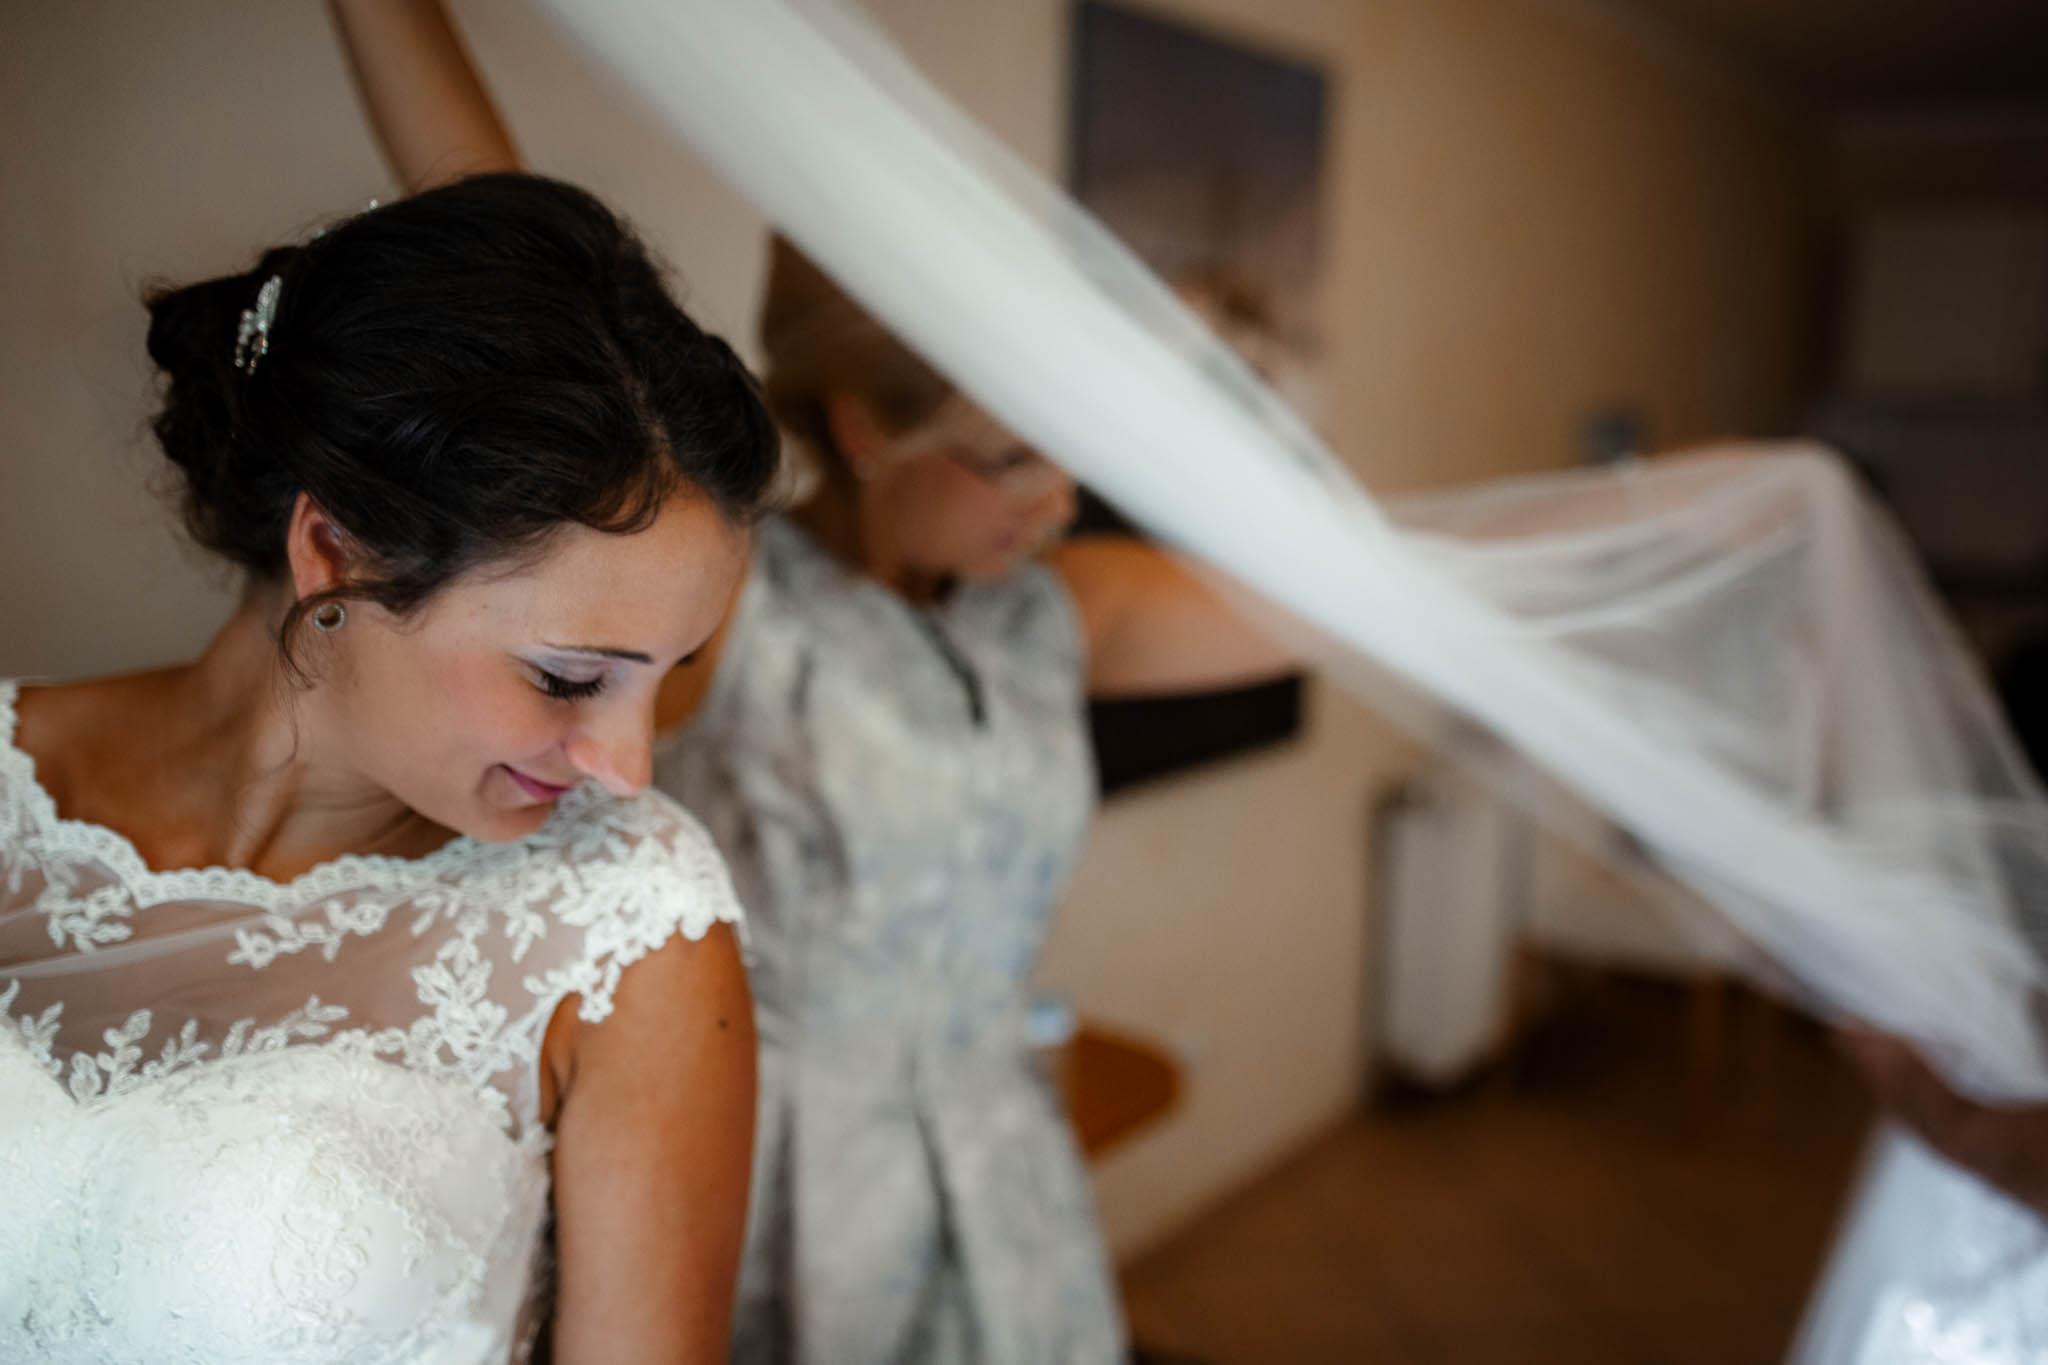 Hochzeitsfotograf Monzernheim: freie Trauung von Sarah & Patrick 11